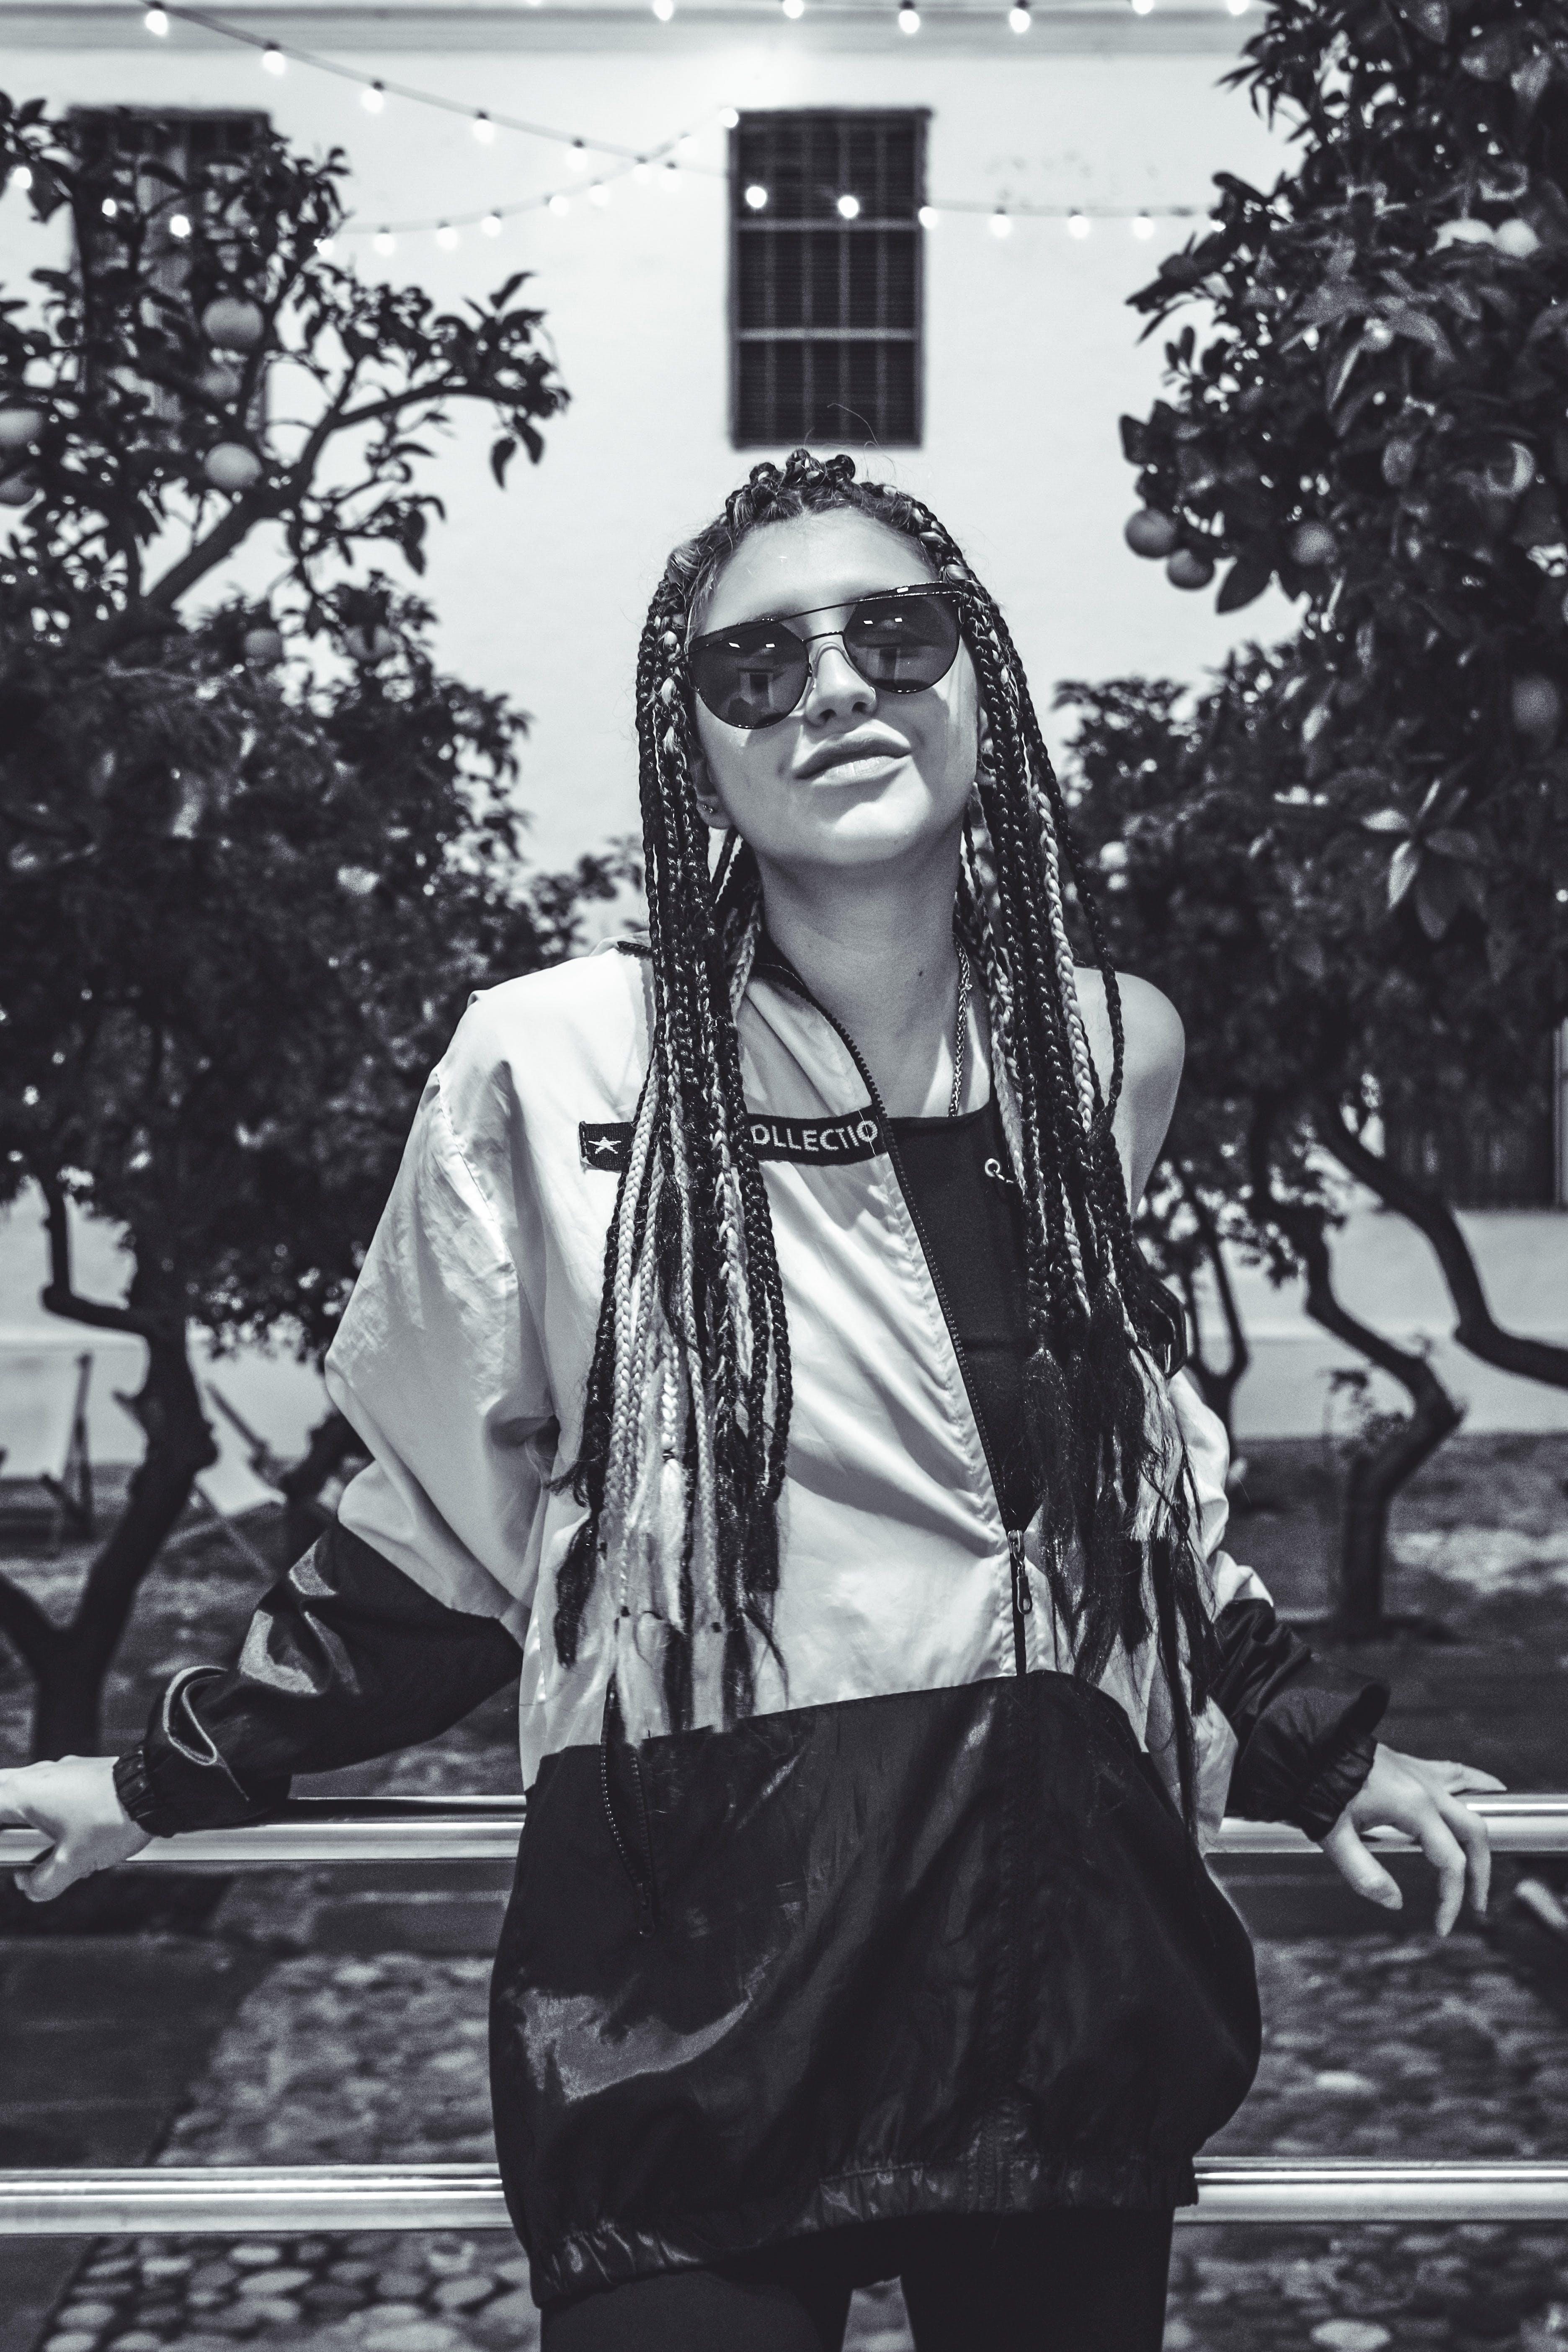 休閒裝, 倚, 墨鏡, 女人 的 免費圖庫相片